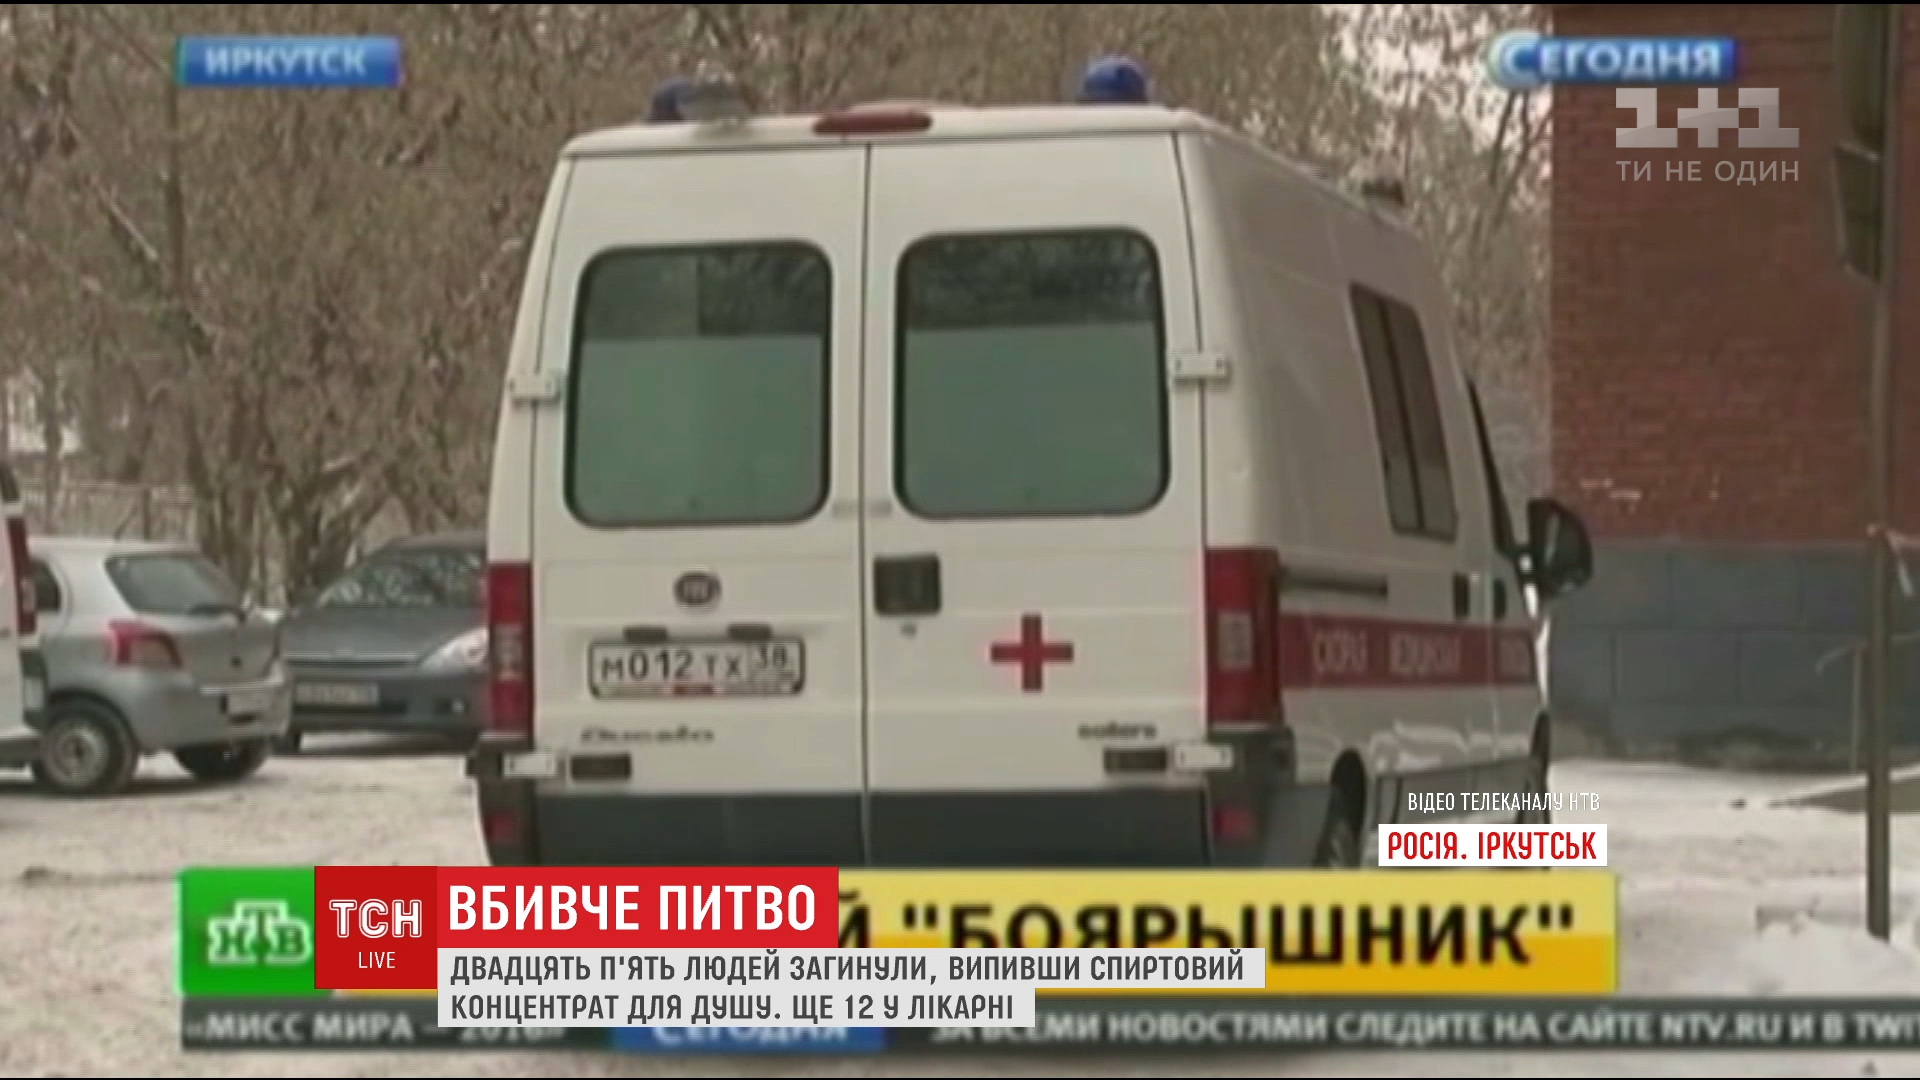 25 человек погибли в Иркутске, выпив спиртовой концентрат для ванны /